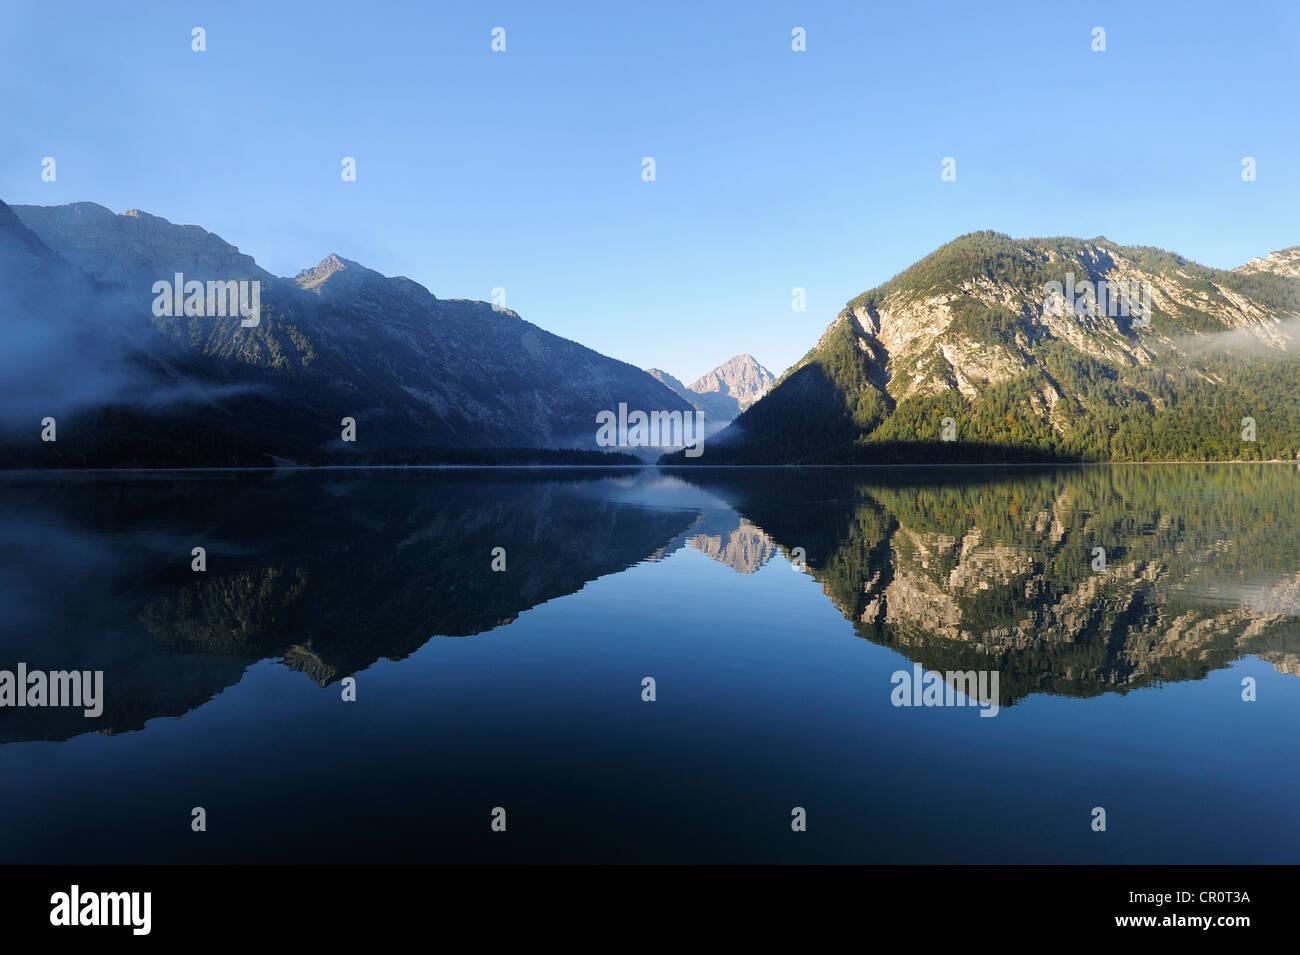 Plansee-See, Ammergauer Alpen, Ammergebirge Berge, mit Blick auf Berg Thaneller in den Lechtaler Alpen, Tirol, Österreich Stockfoto